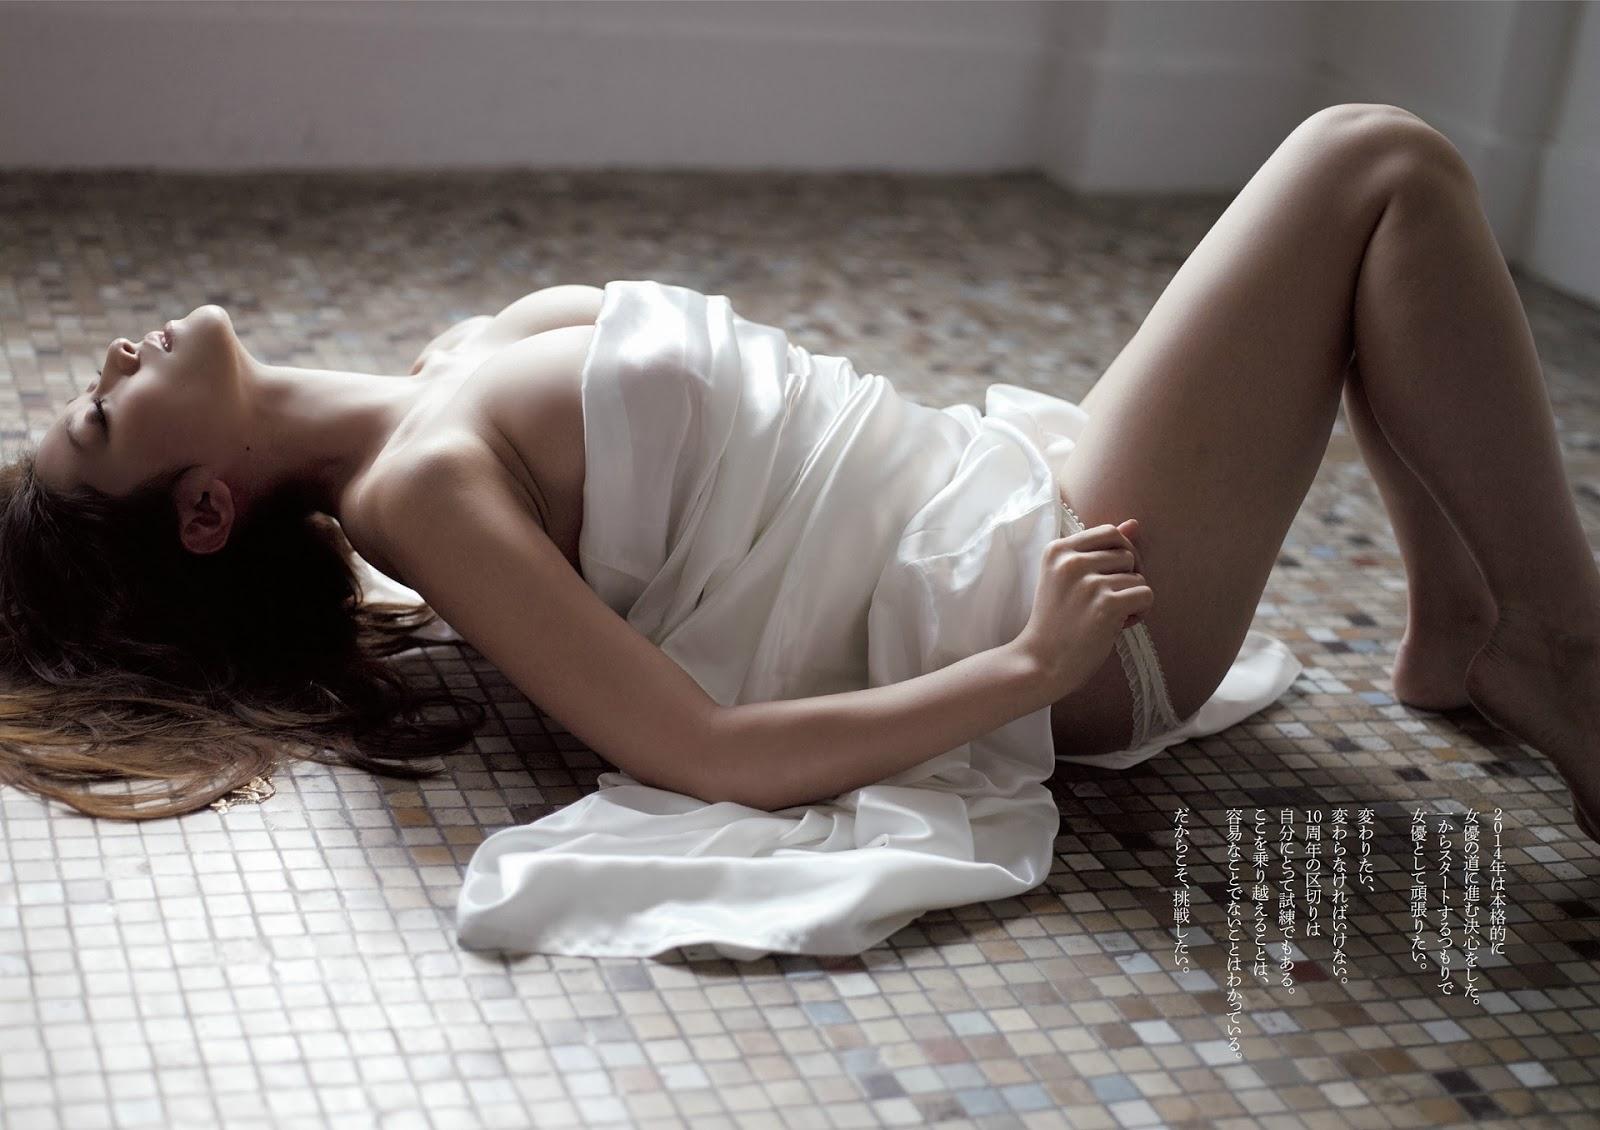 Hara Mikie 原幹恵 Weekly Playboy Jan 2014 Wallpaper HD